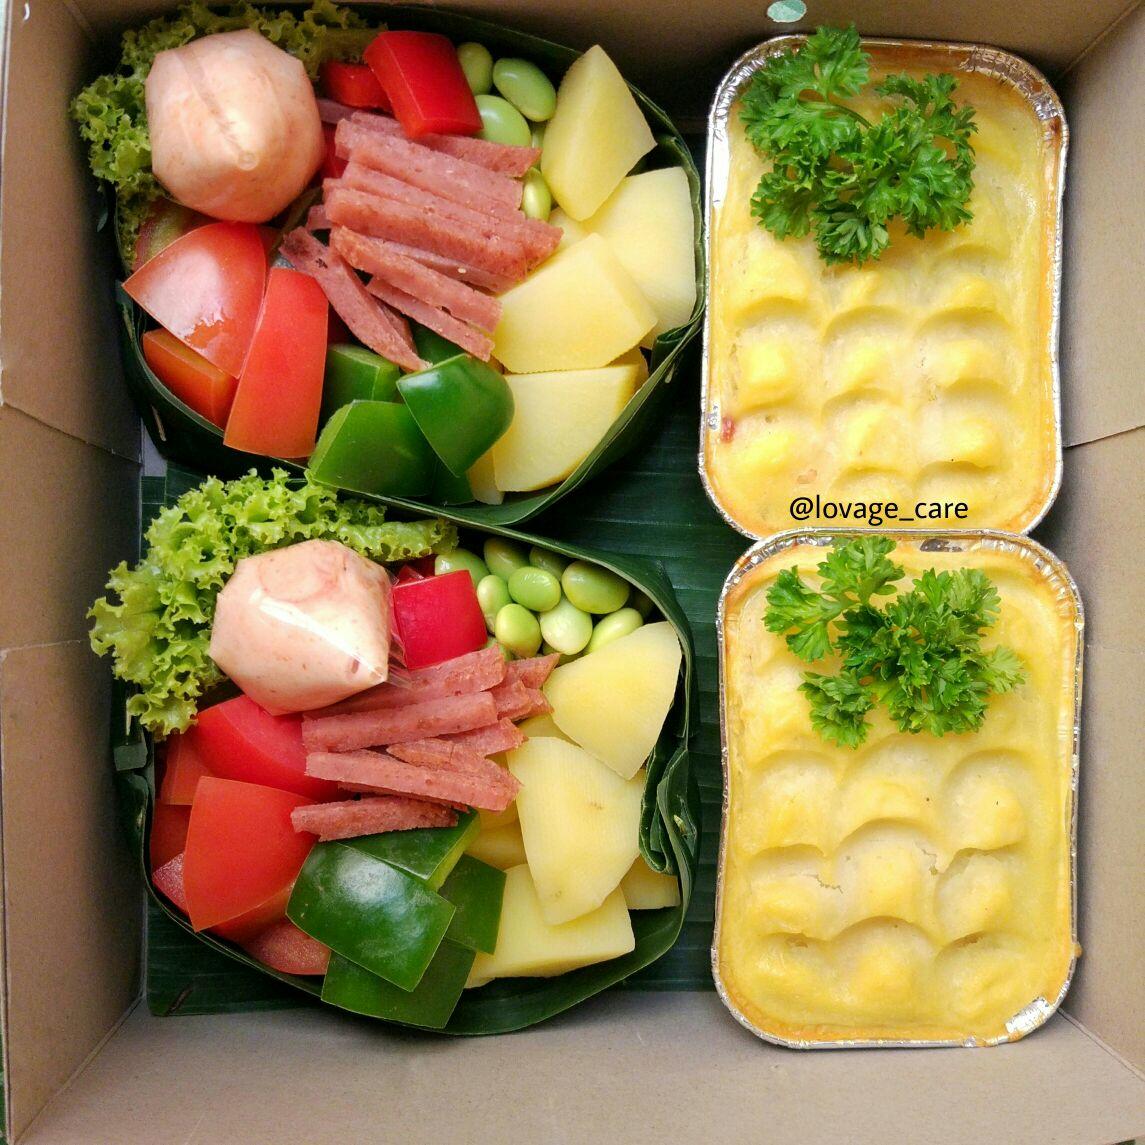 30 Manfaat Labu Siam untuk Kesehatan, Diet, Anak dan Ibu Hamil